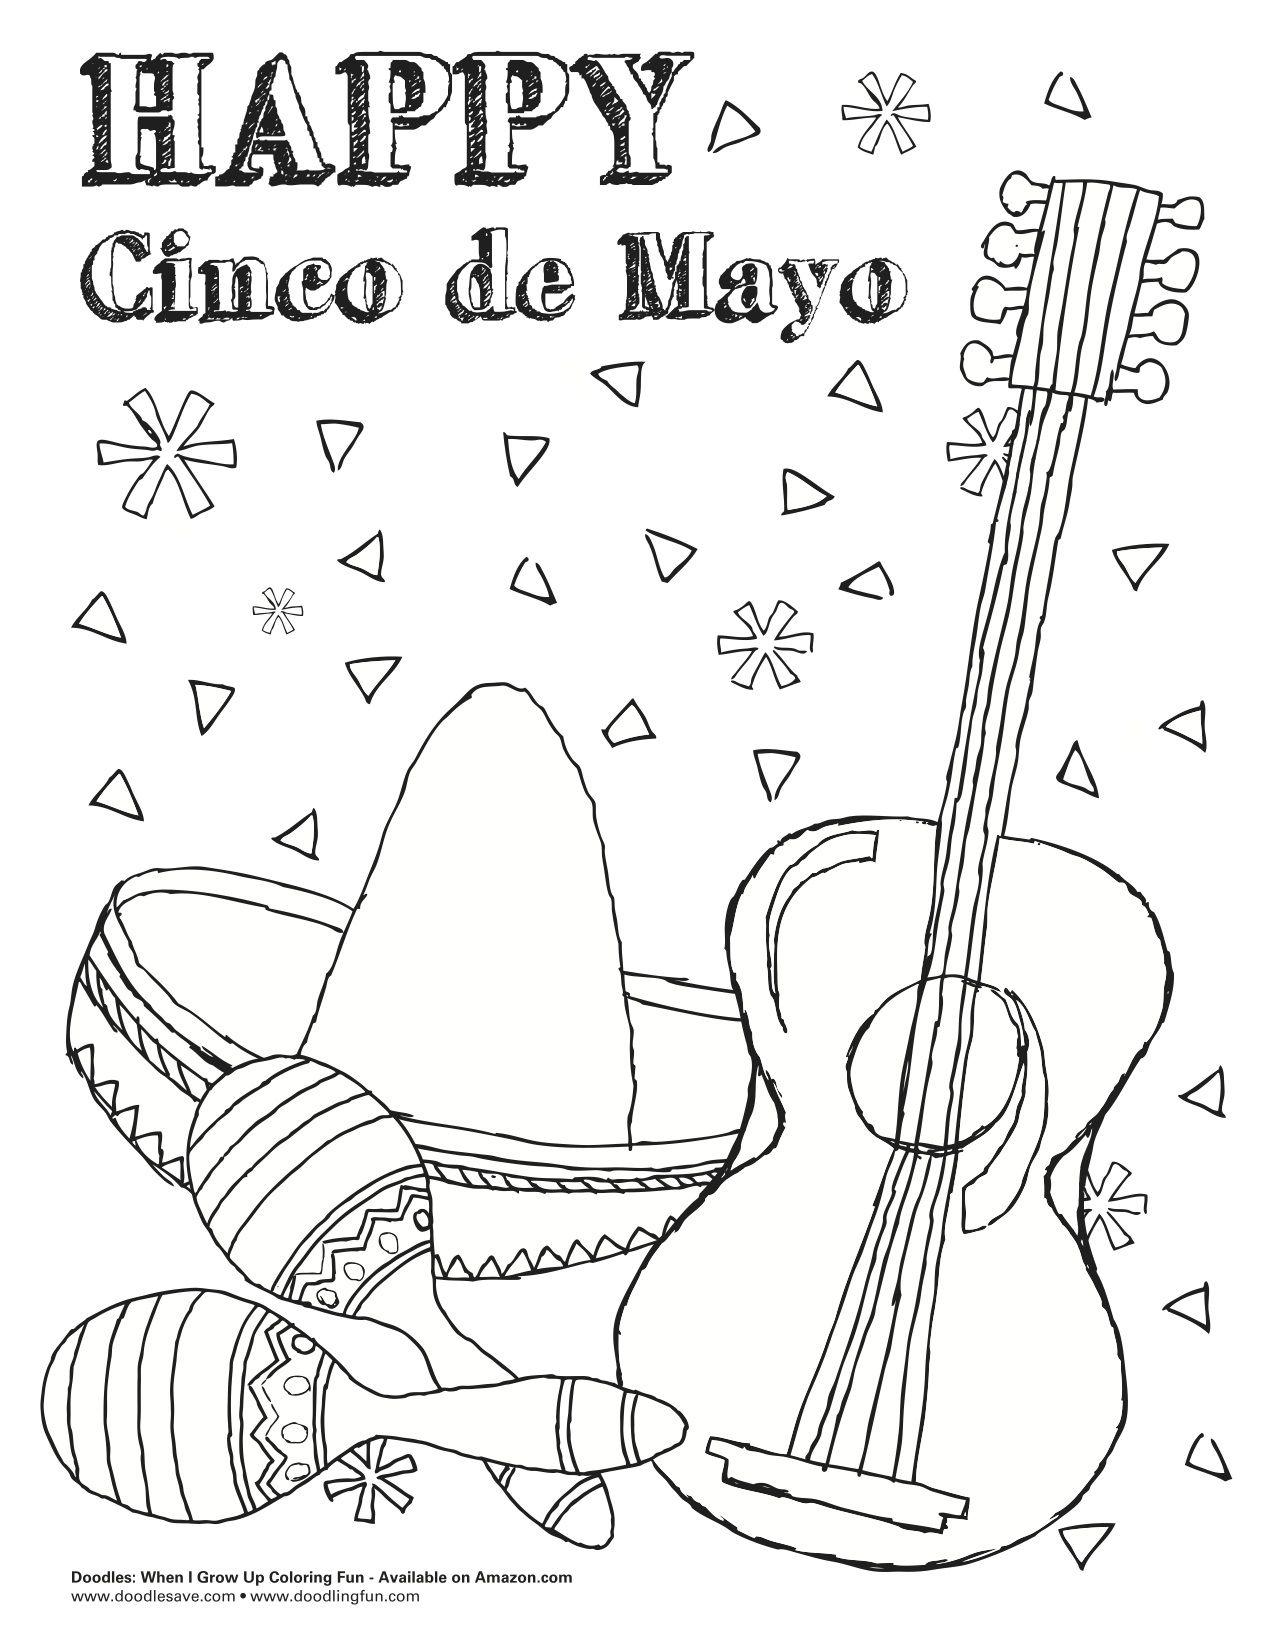 Cinco de mayo mexican flag coloring page - Cinco De Mayo Coloring Pages